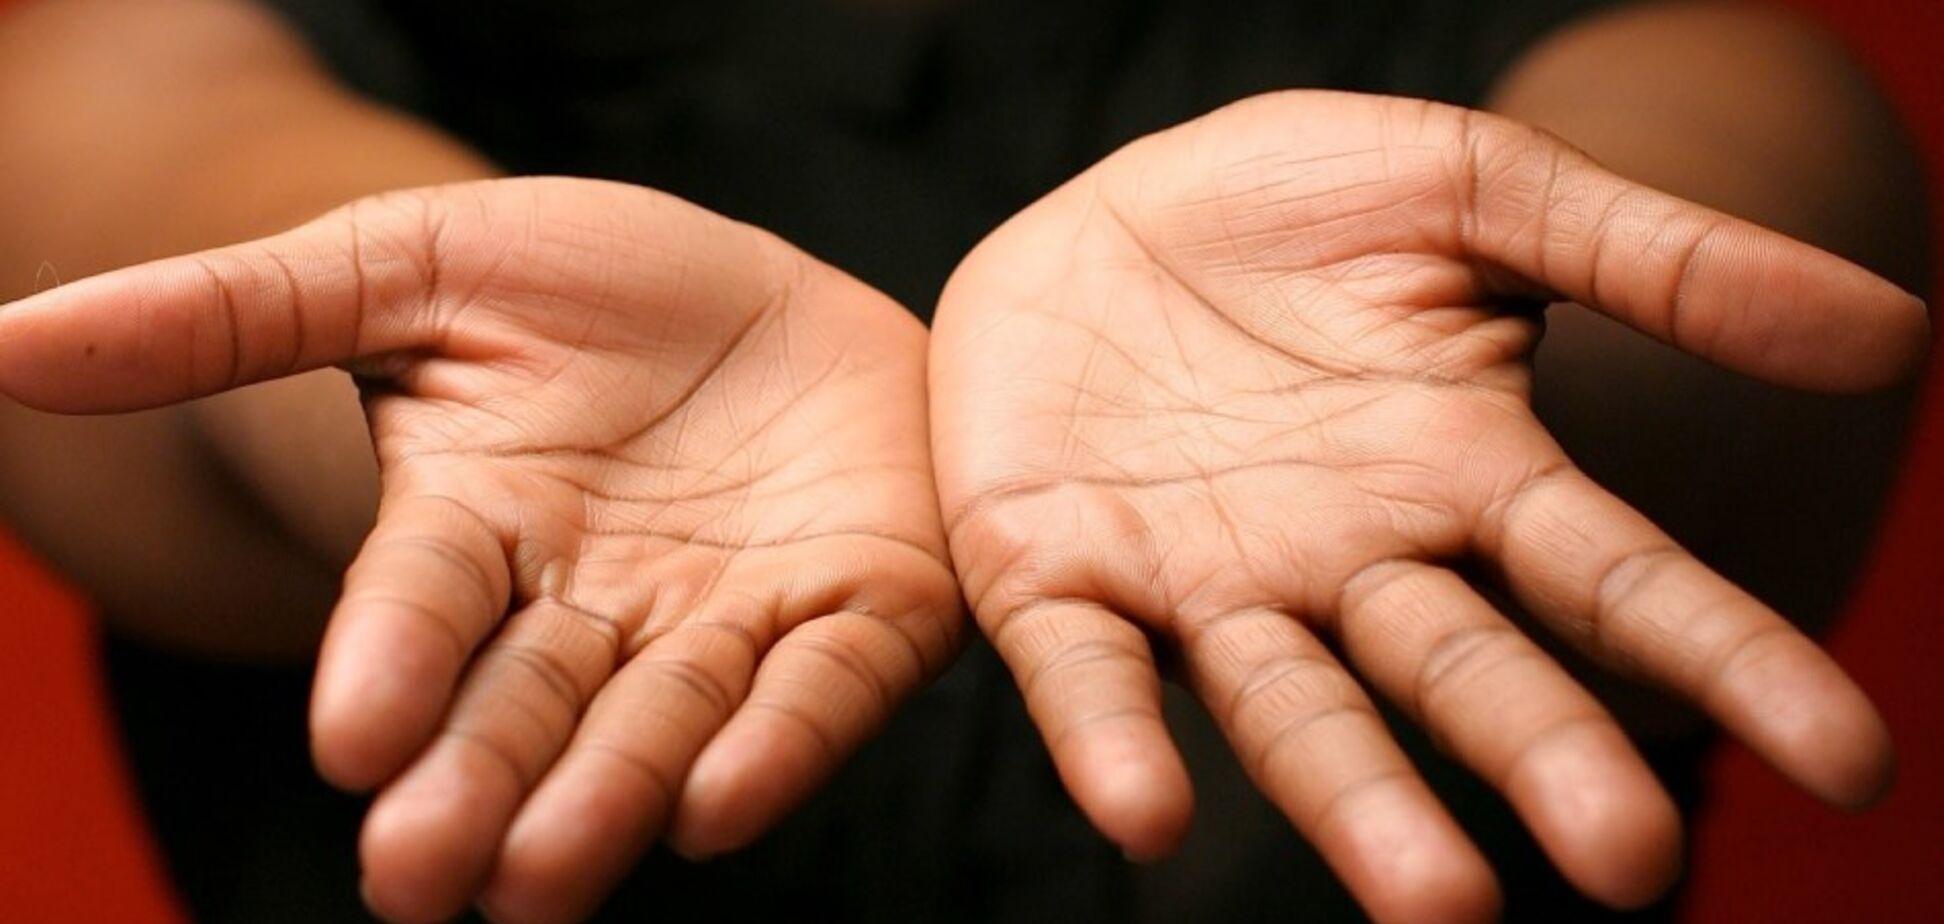 Дивіться на руки: вчений підказав, як визначити злочинця